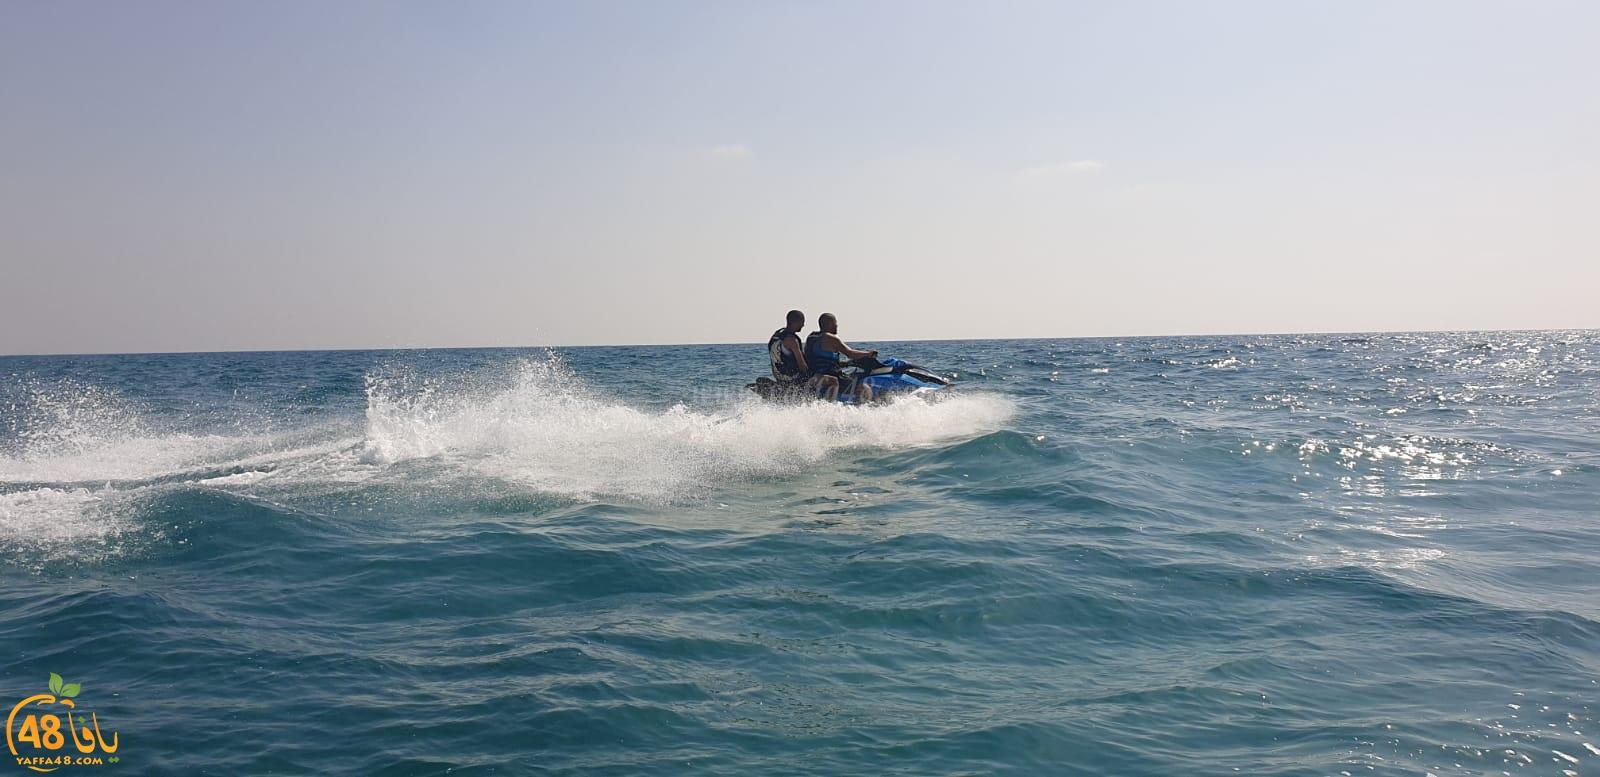 فيديو: رياضة الجيت سكي المائية تحظى باهتمام واسع لدى شباب مدينة يافا